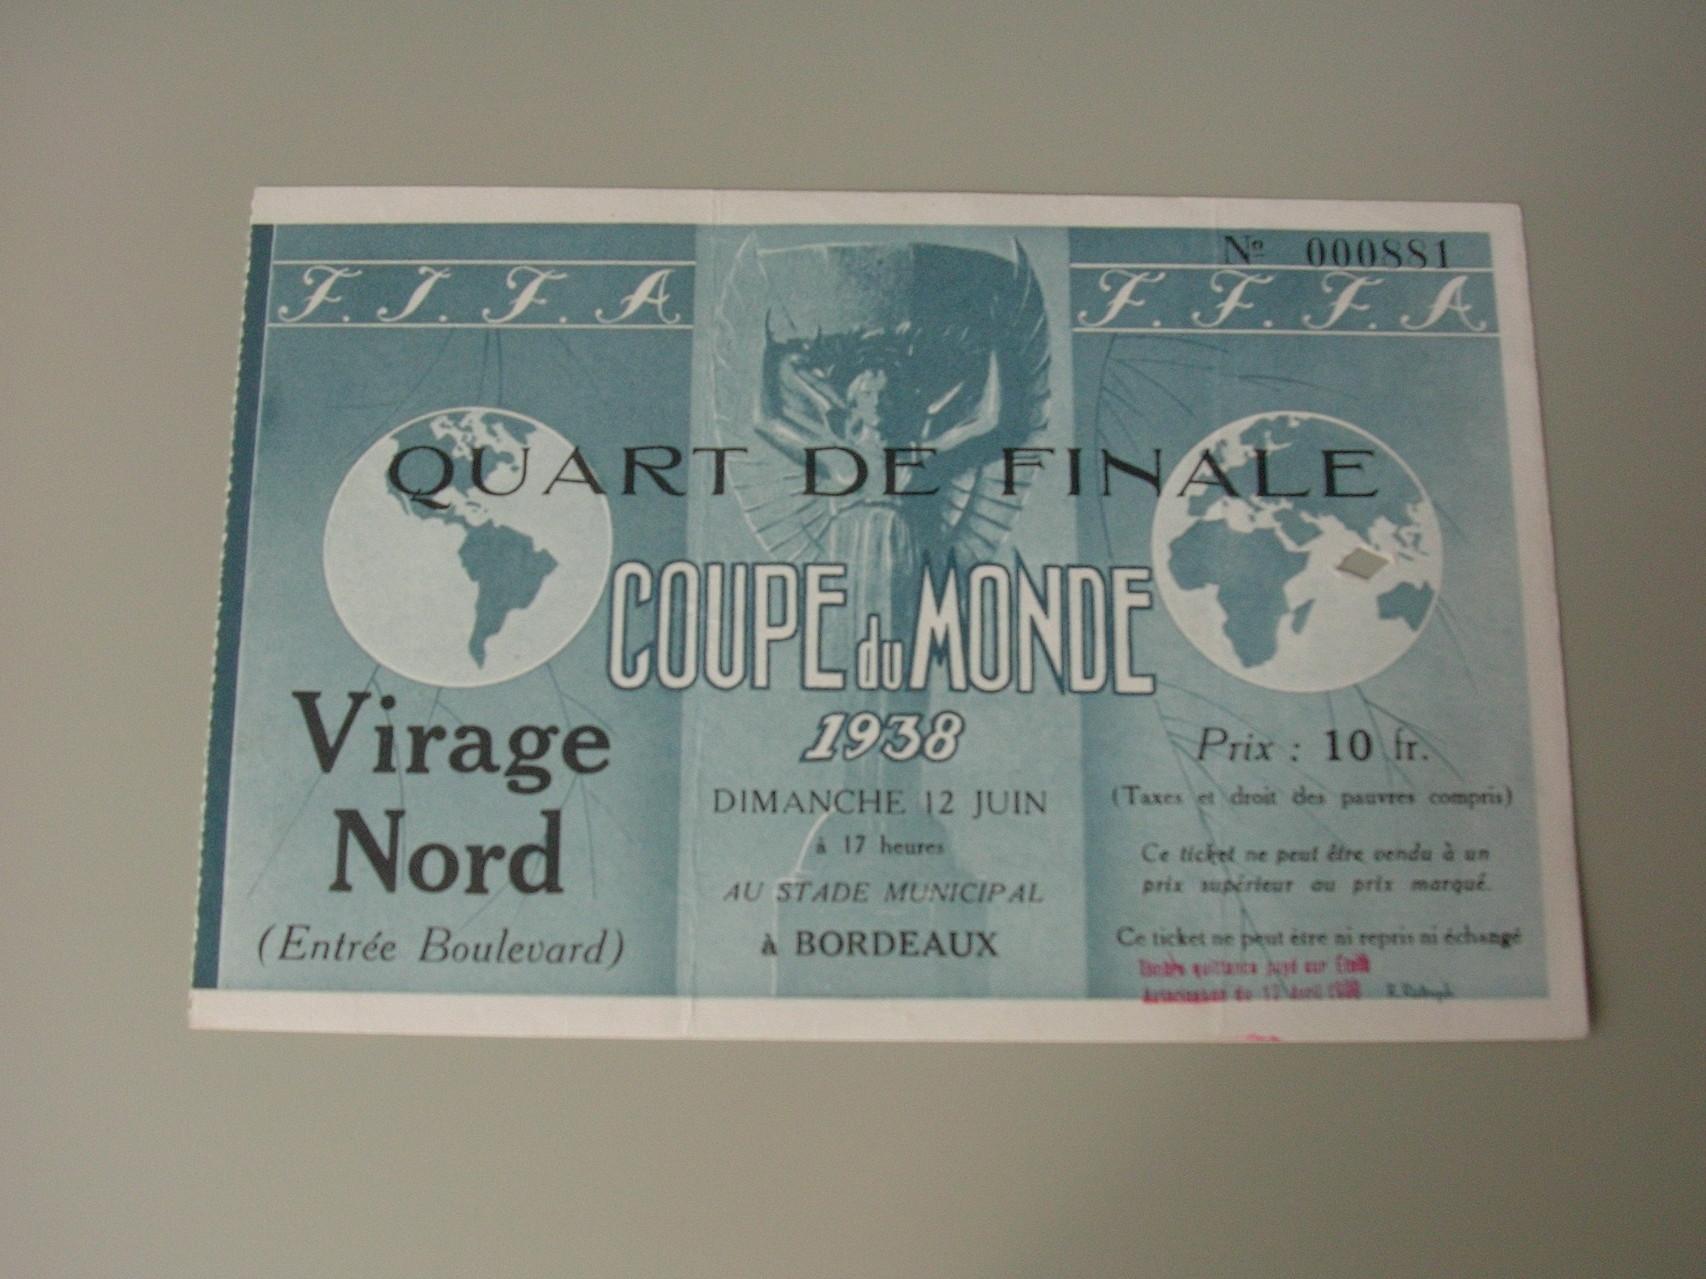 1/4 de Finale Brésil - Tchécoslovaquie (France 1938)